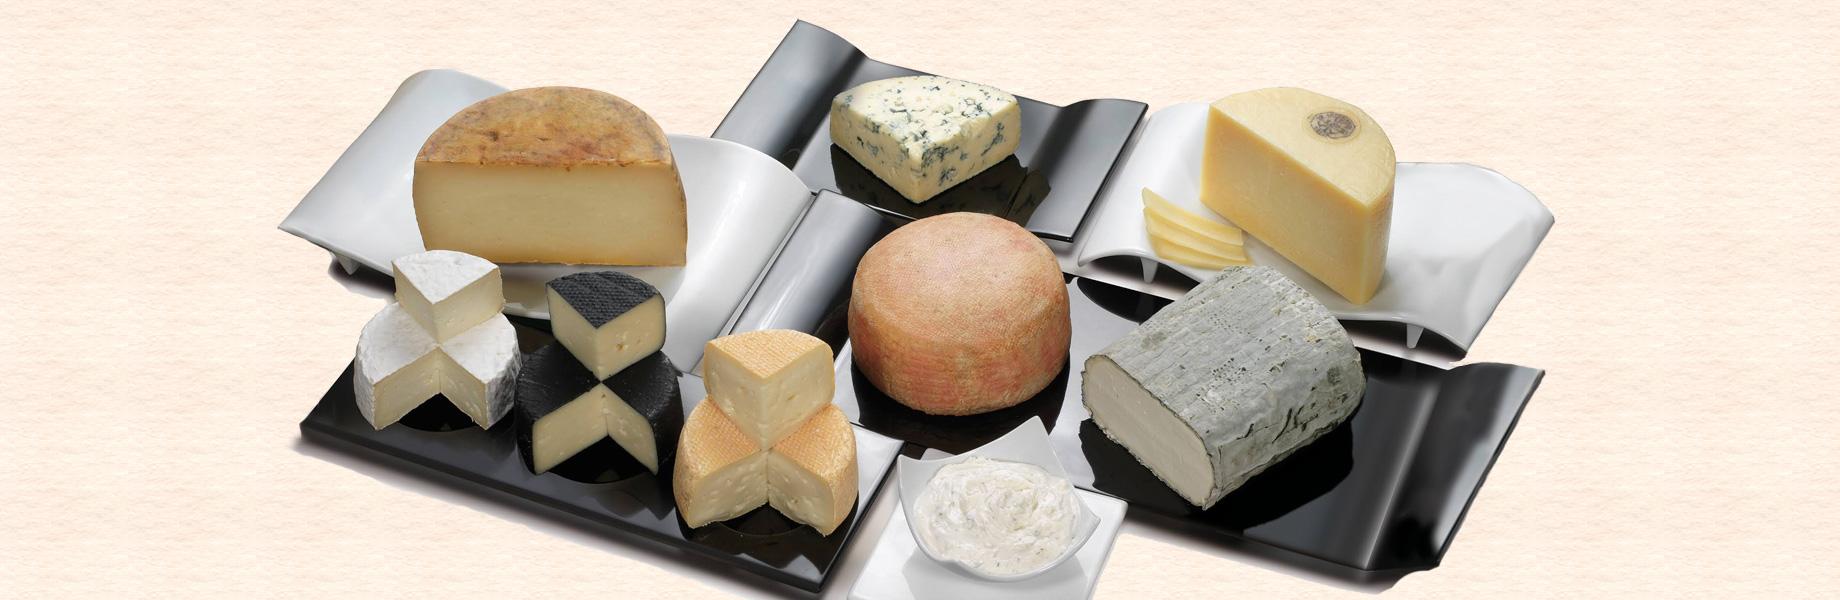 Semana Especial de los quesos